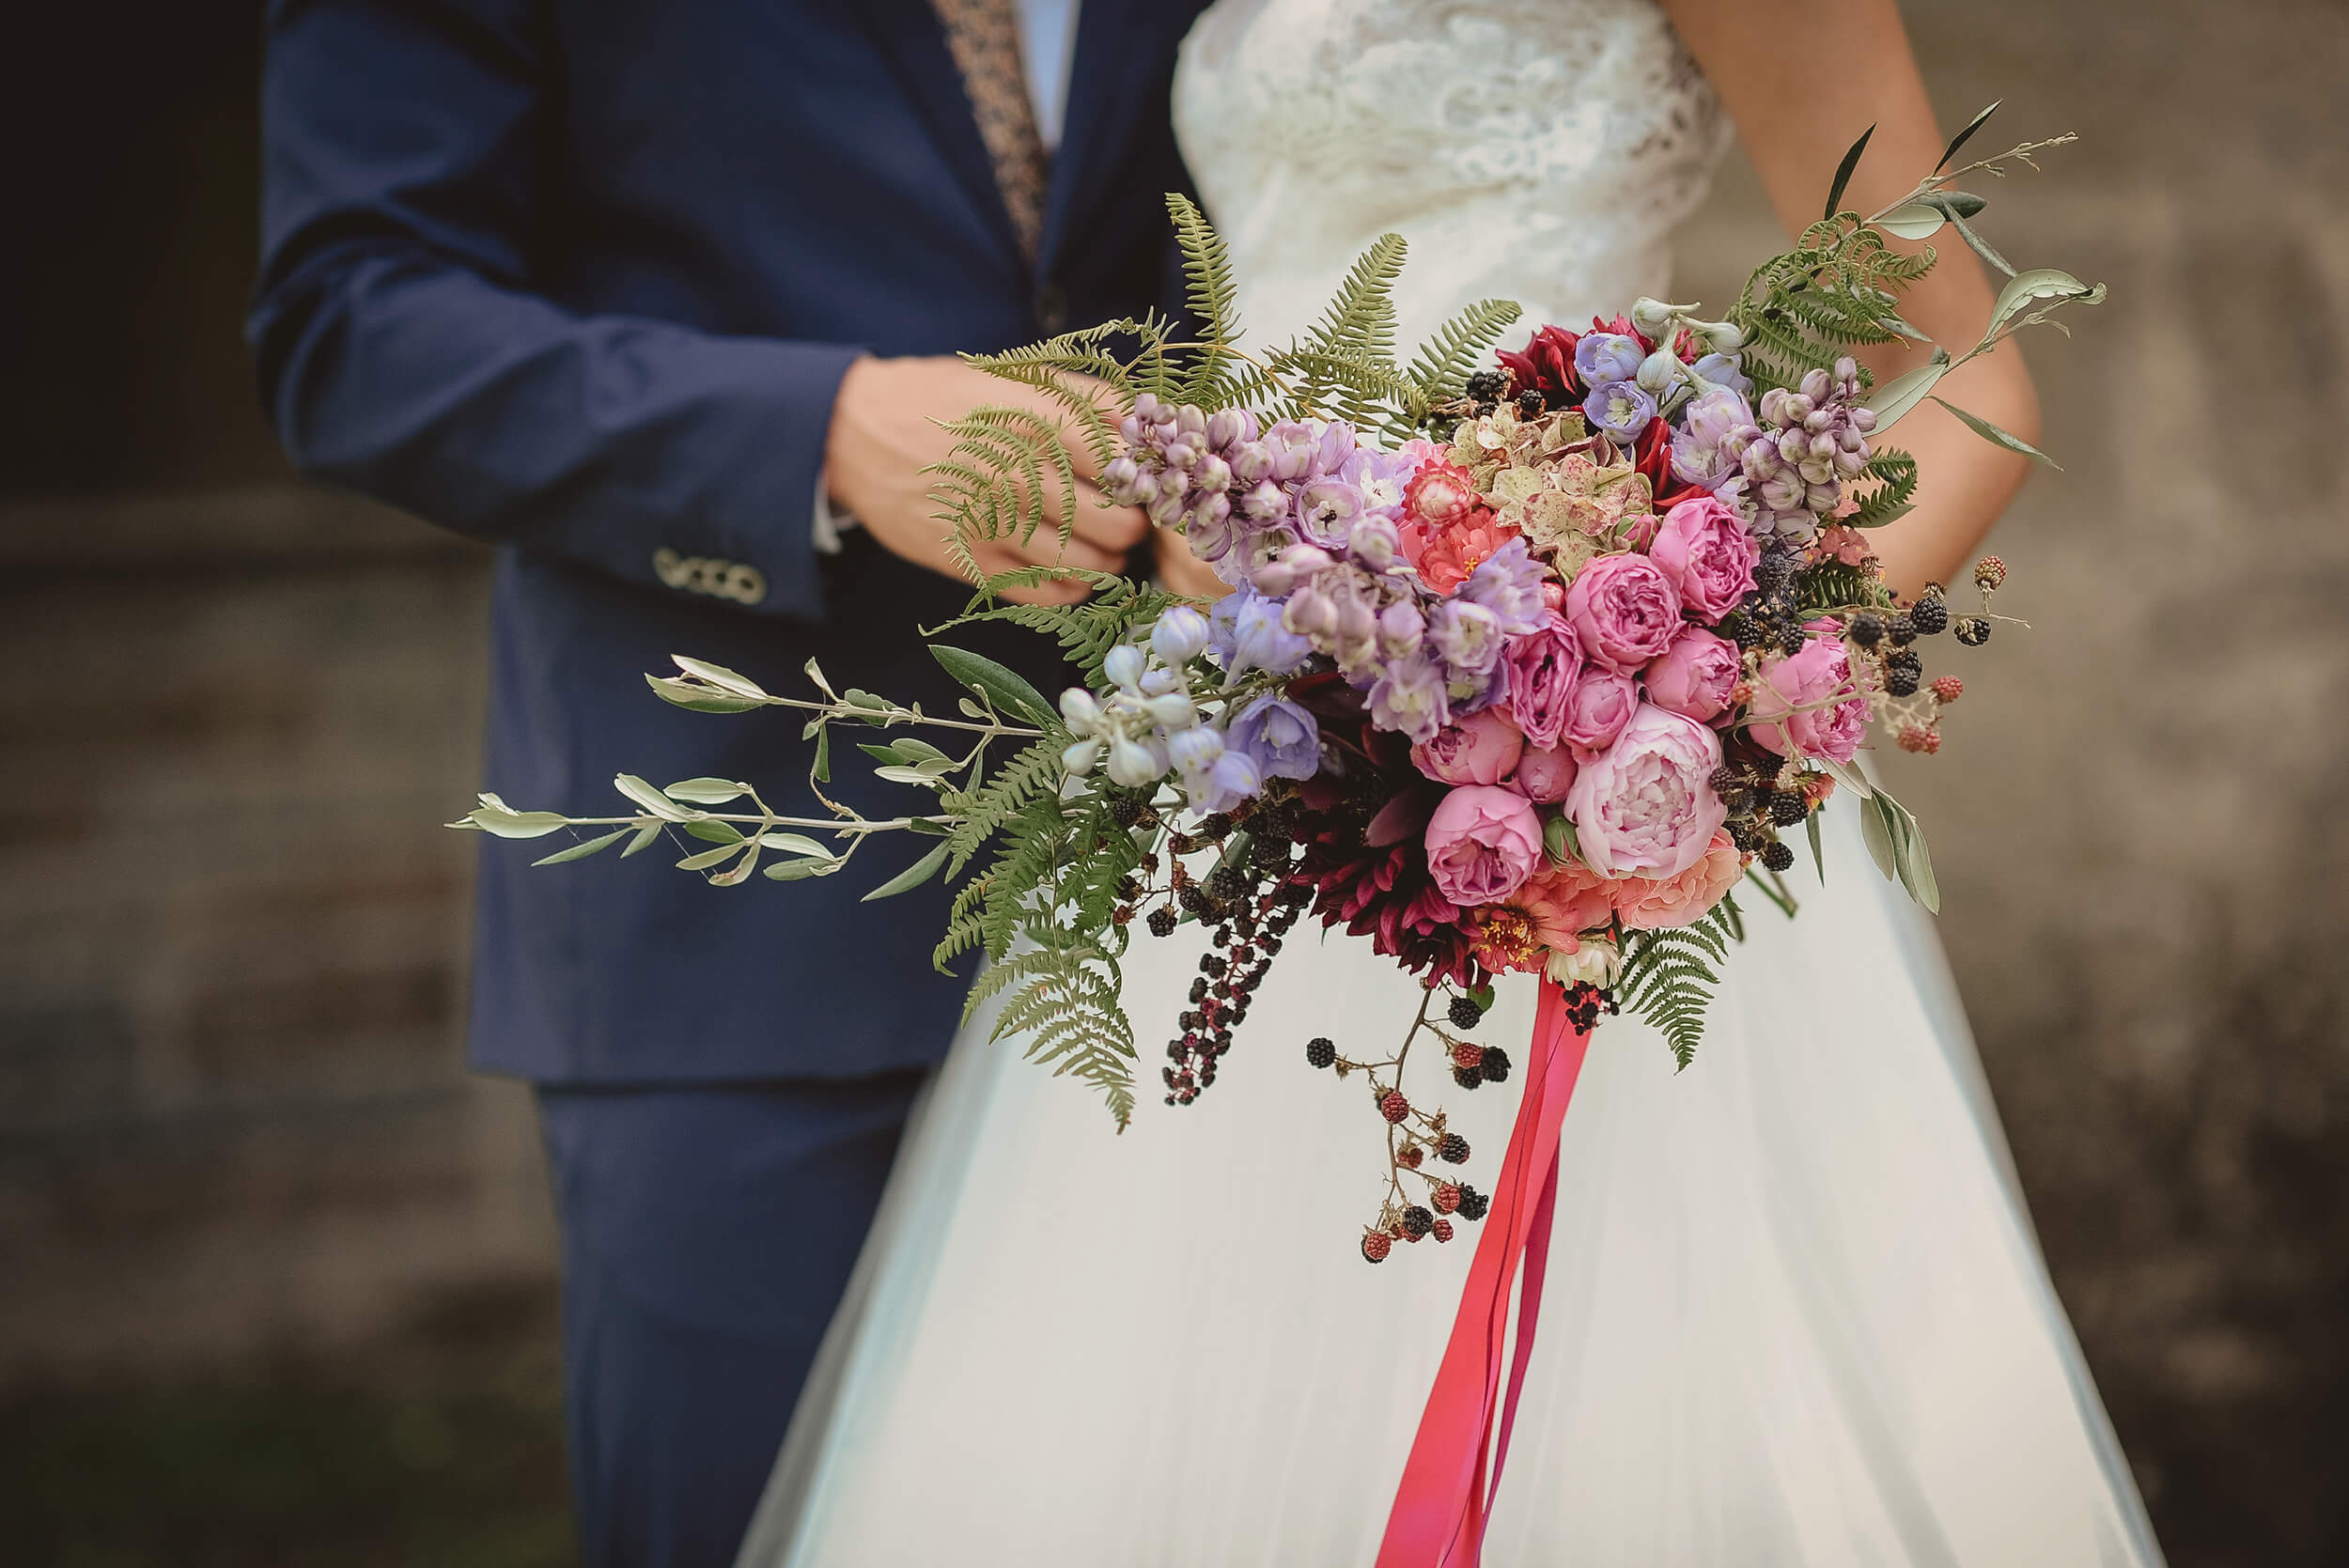 roma-organizacao-eventos-editorial-casamento-colorful-wedding-2